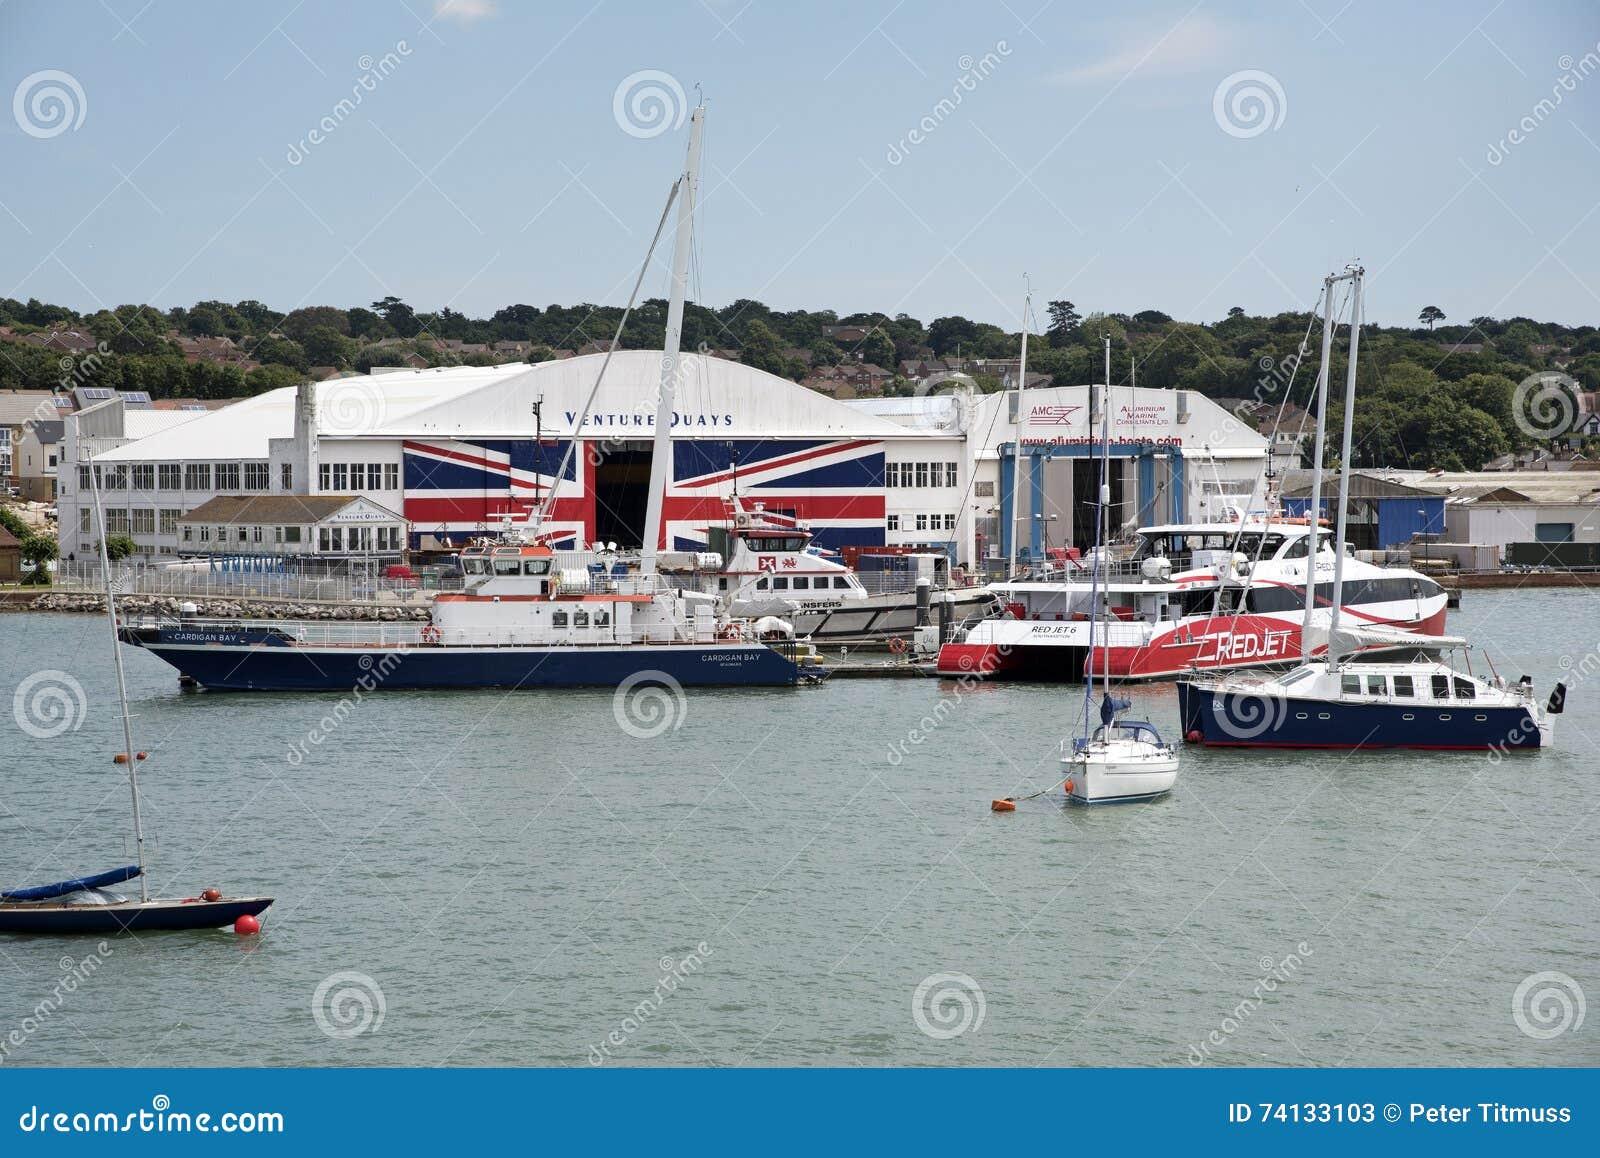 Морские предприятиe бизнеса расквартированные в старом ангаре Великобритании